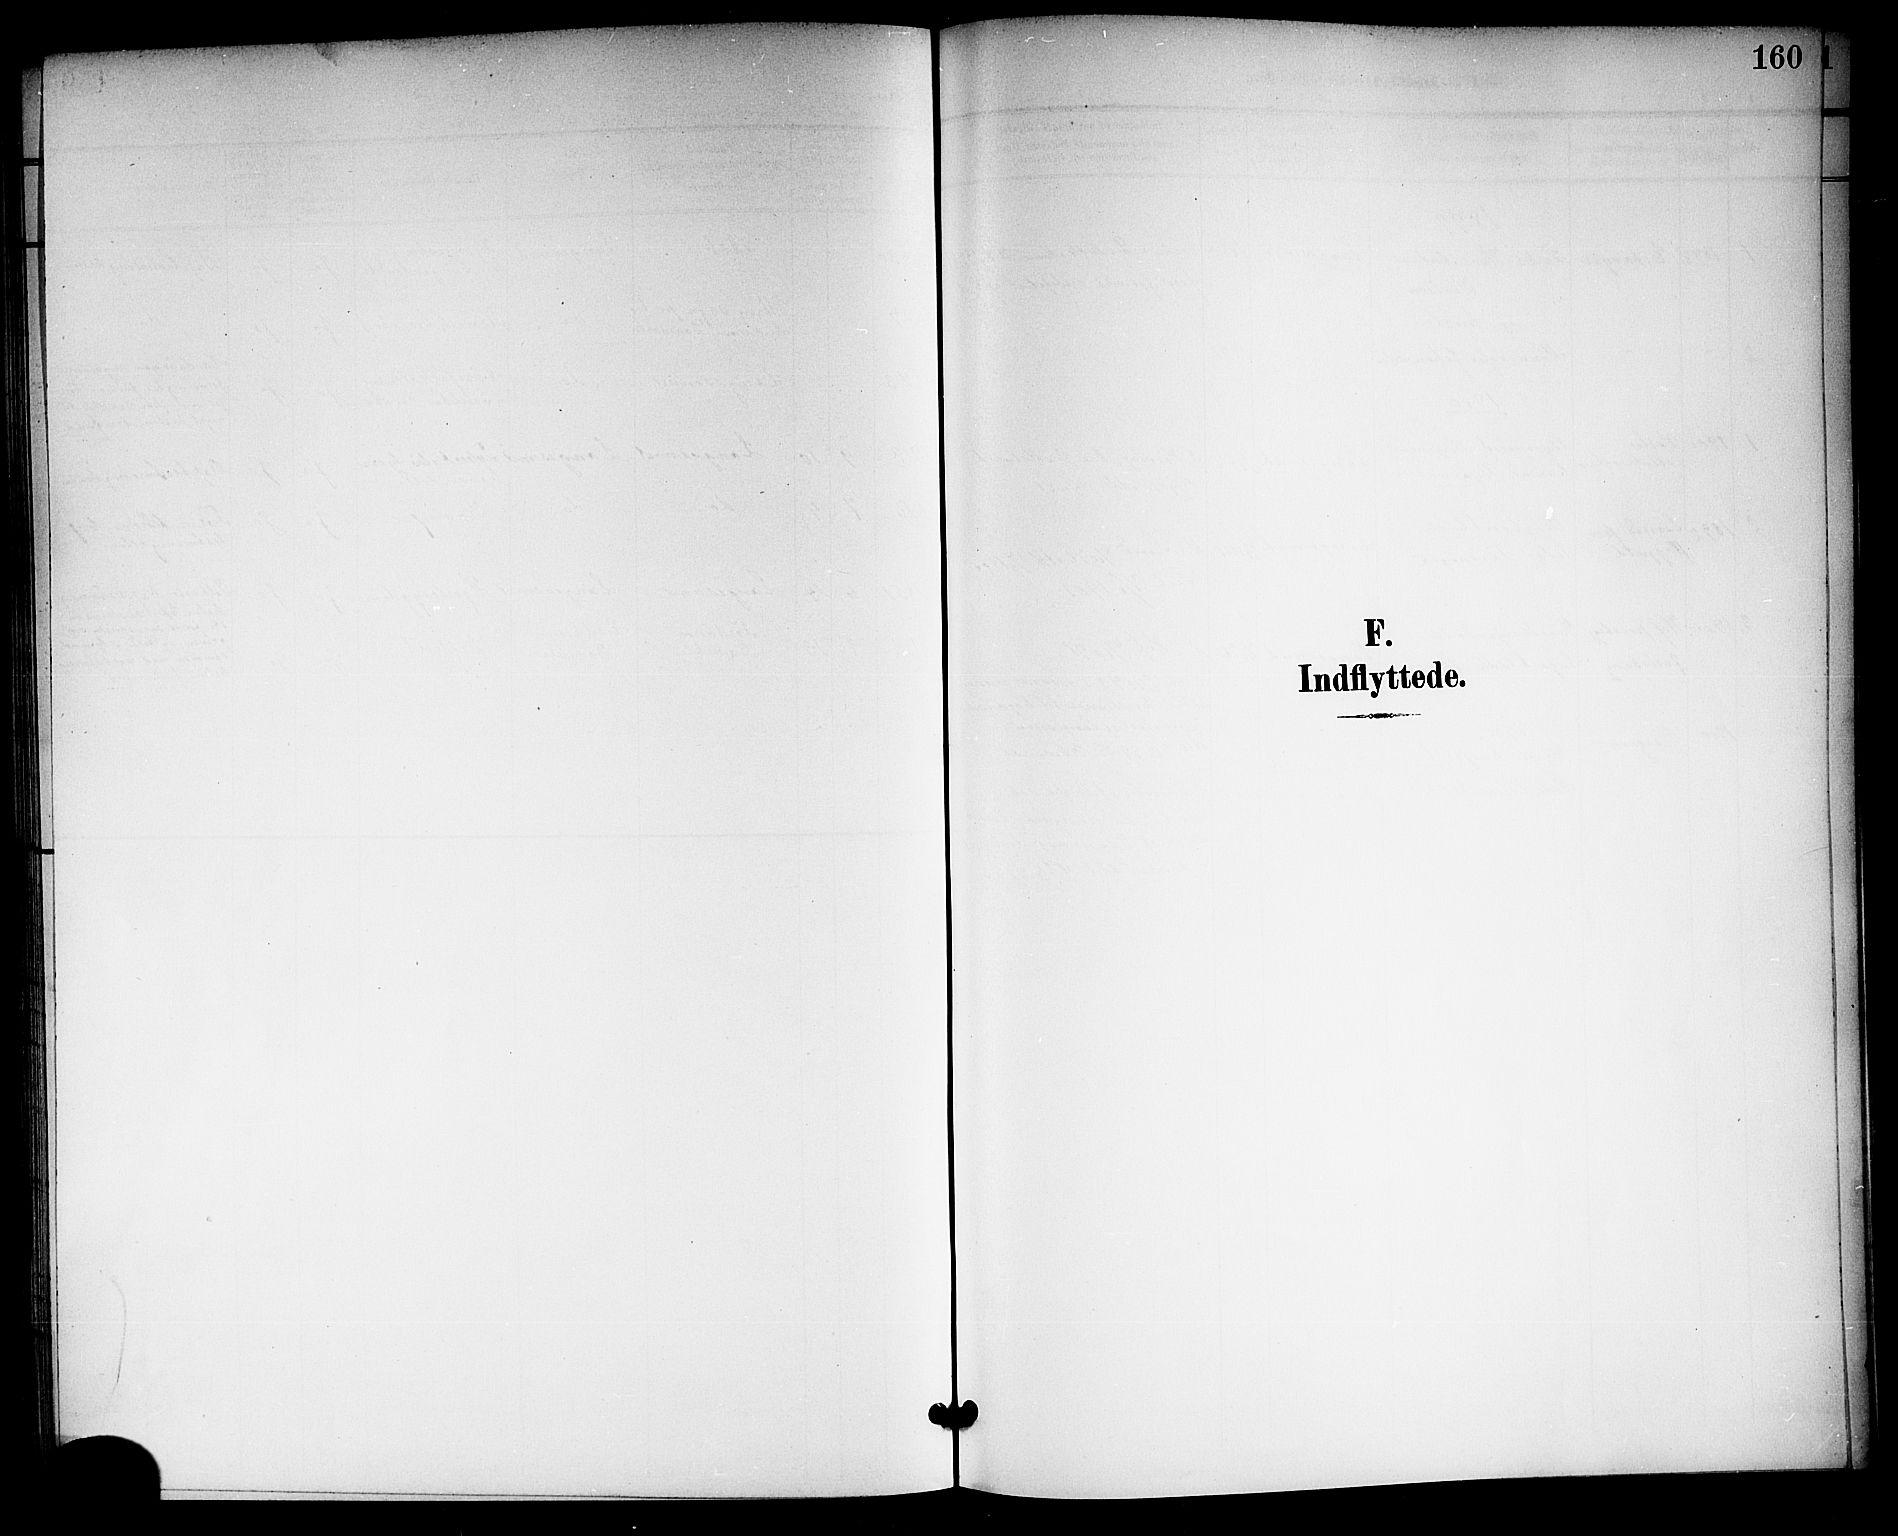 SAKO, Langesund kirkebøker, G/Ga/L0006: Klokkerbok nr. 6, 1899-1918, s. 160